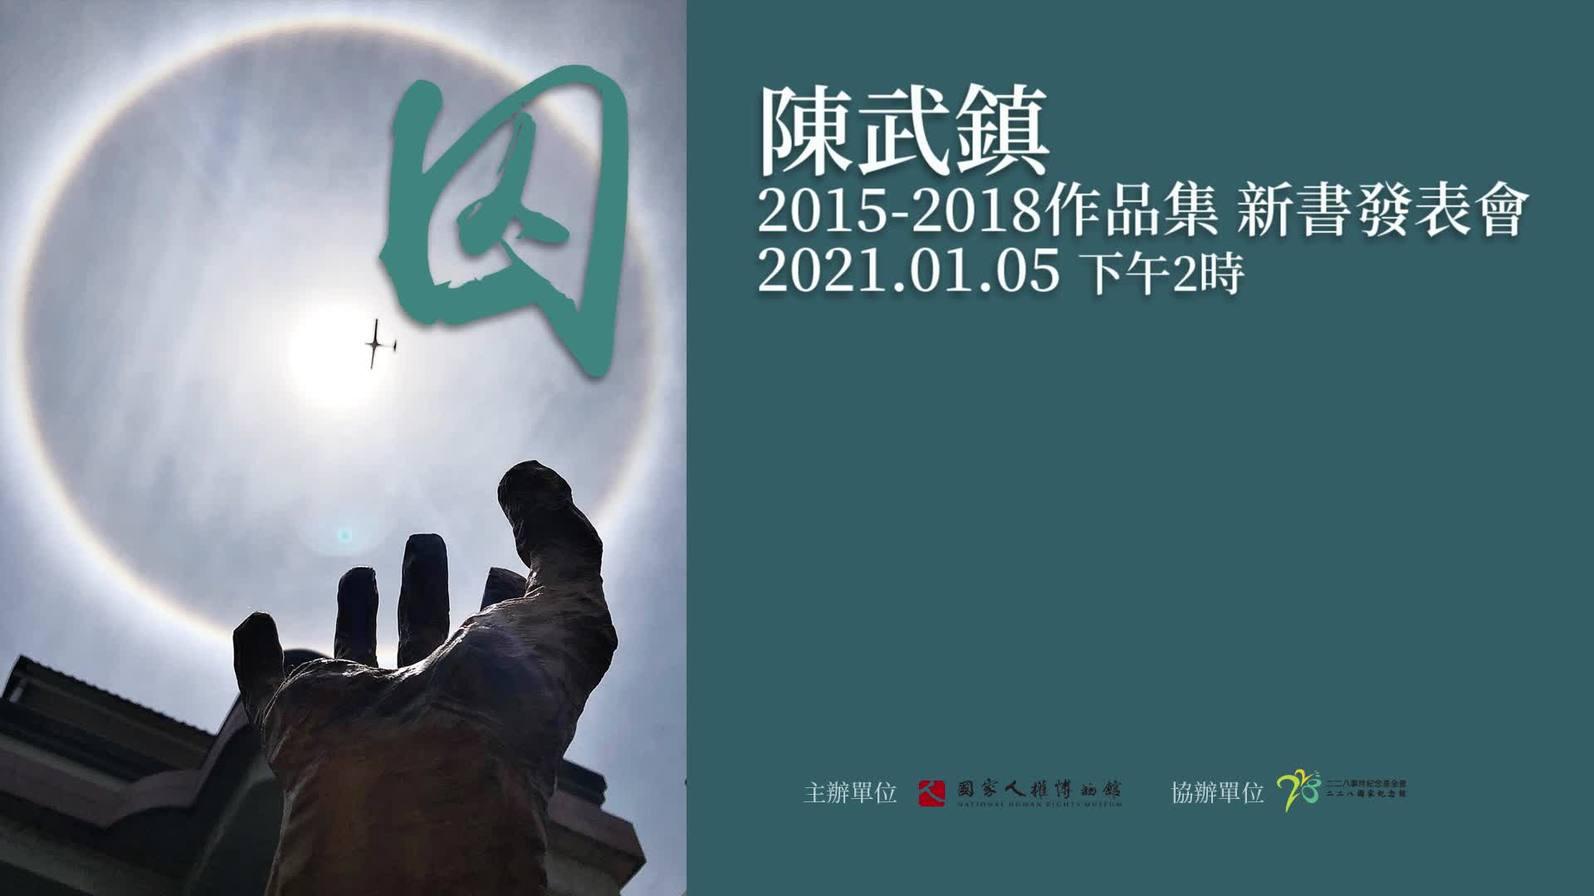 陳武鎮《囚》新書發表會影像紀錄2021/01/05